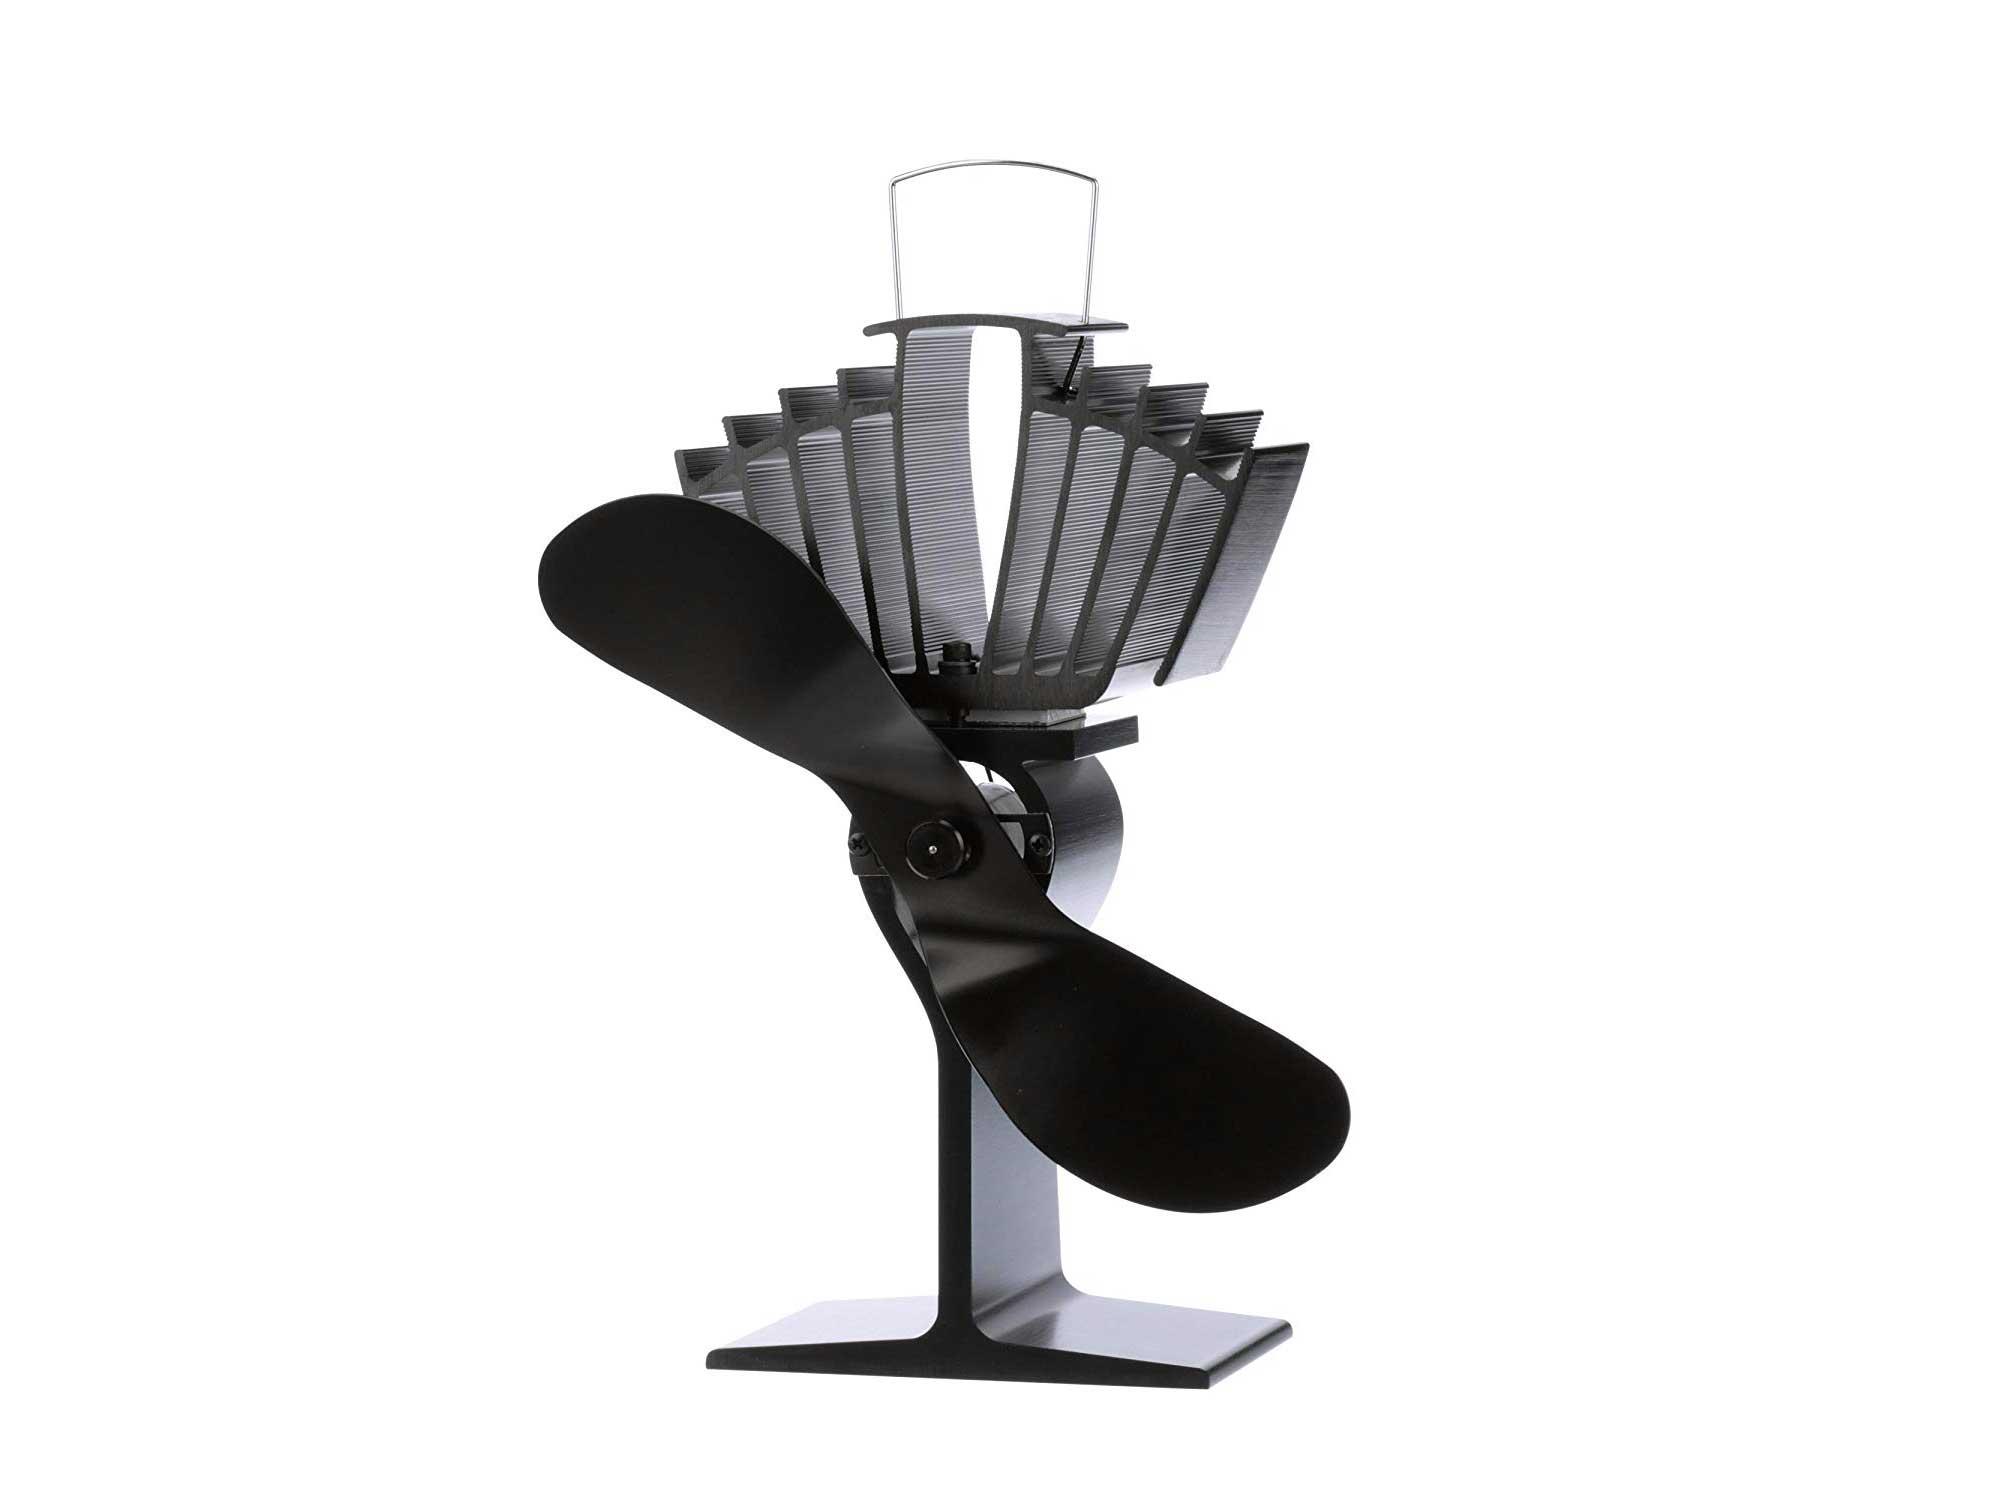 Ecofan stove fan